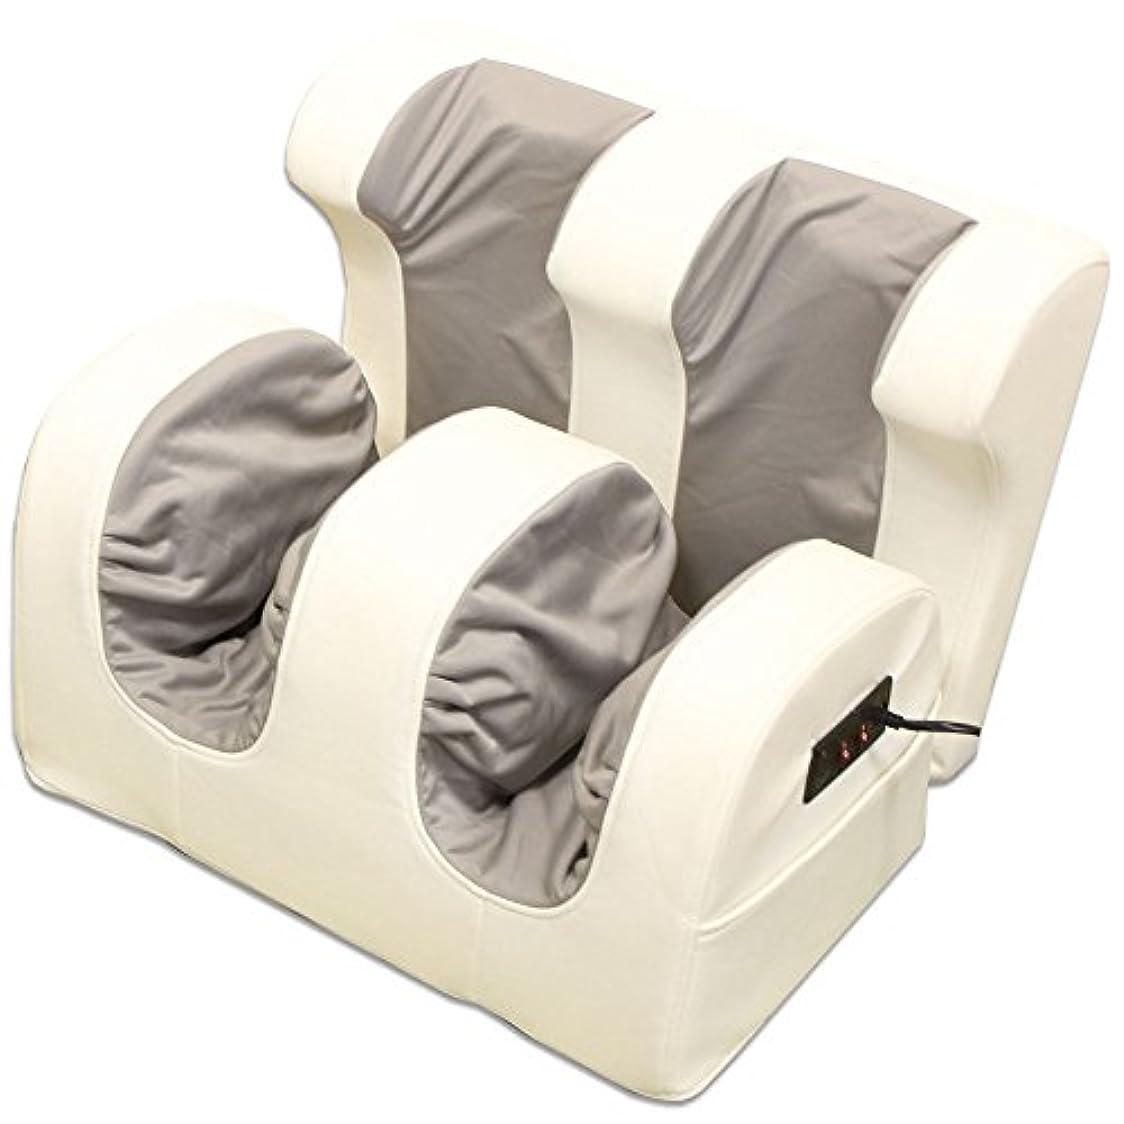 足マッサージ器 ホワイト×グレー ヒーター付き 白 足裏 ふくらはぎ 引き締め 揉み上げ 家庭用 マッサージ機